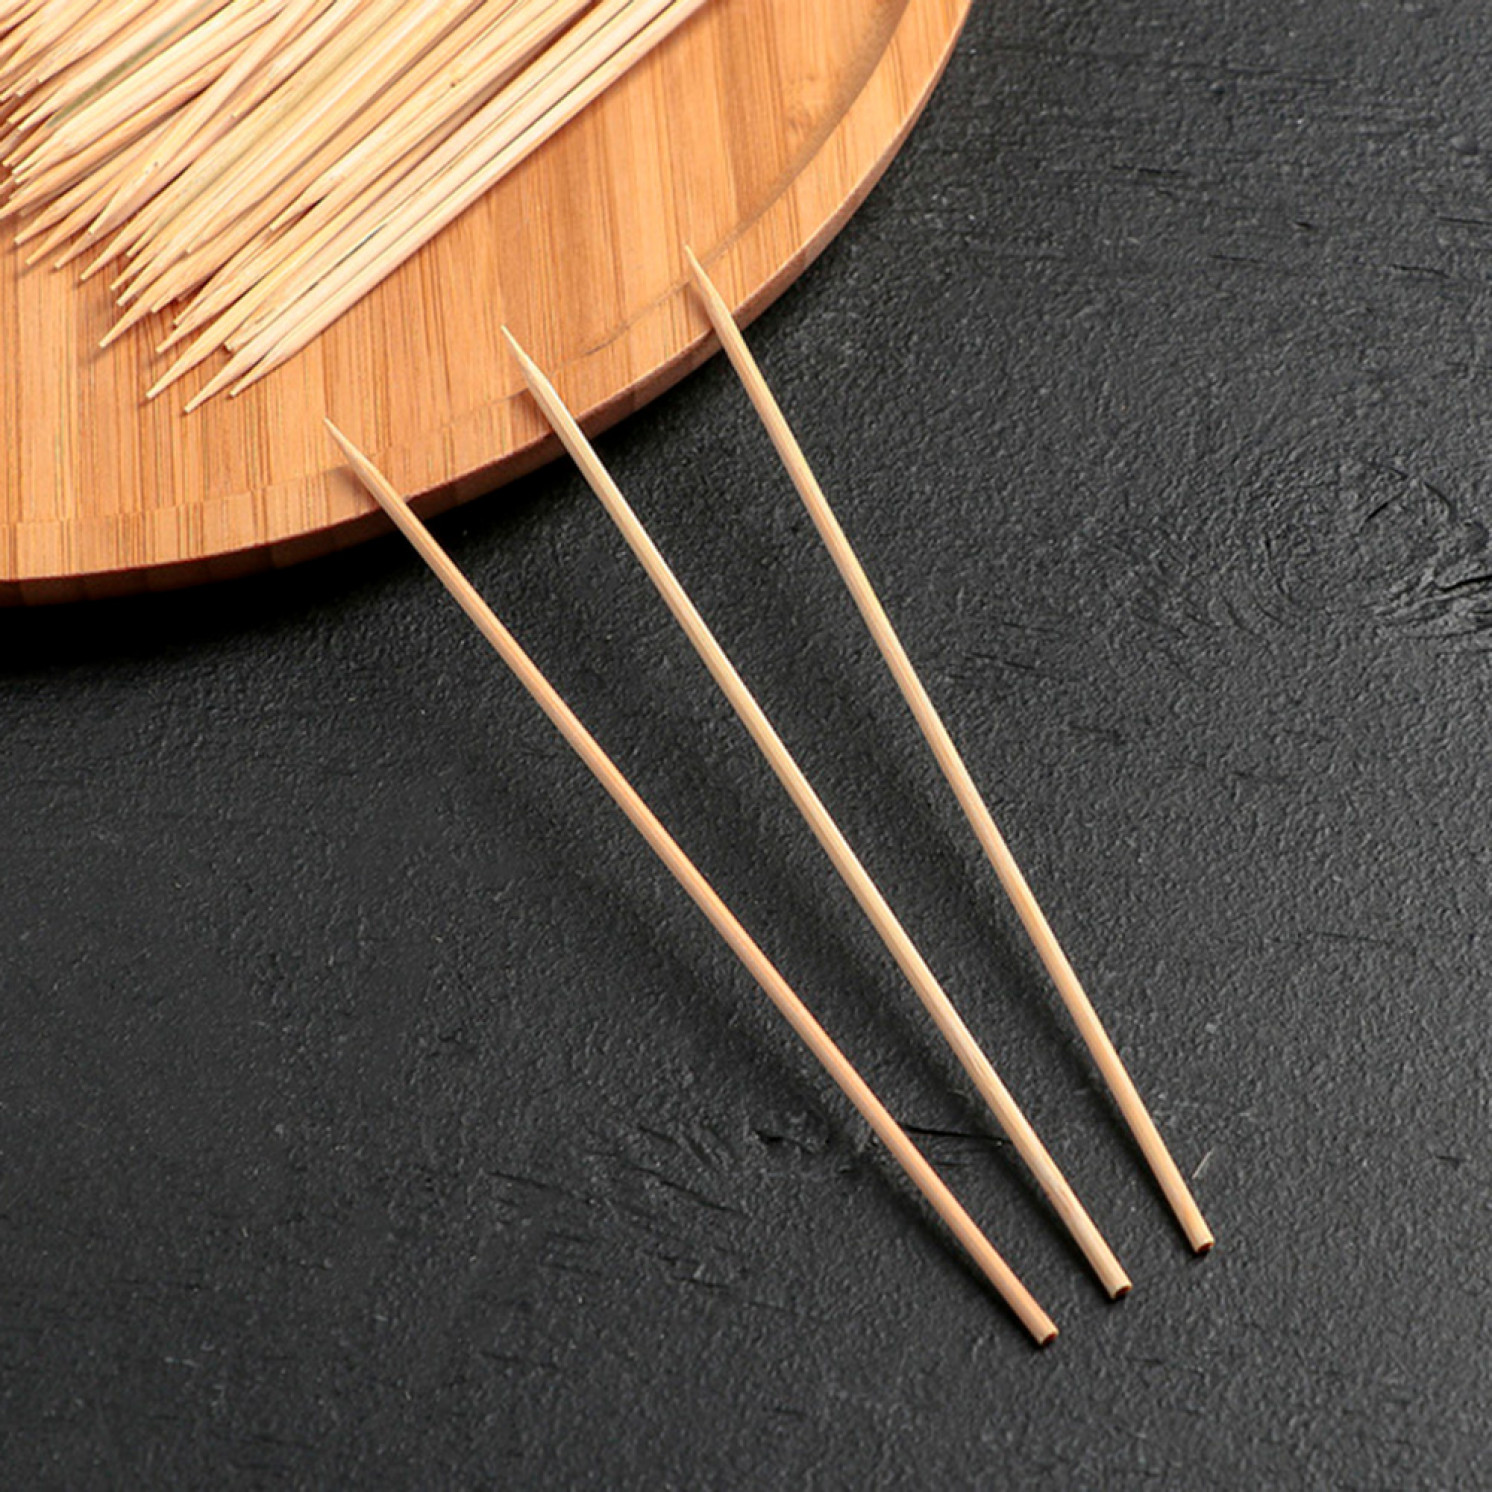 Набор шампуров деревянных 15 см, d=3 мм, 85-90 шт